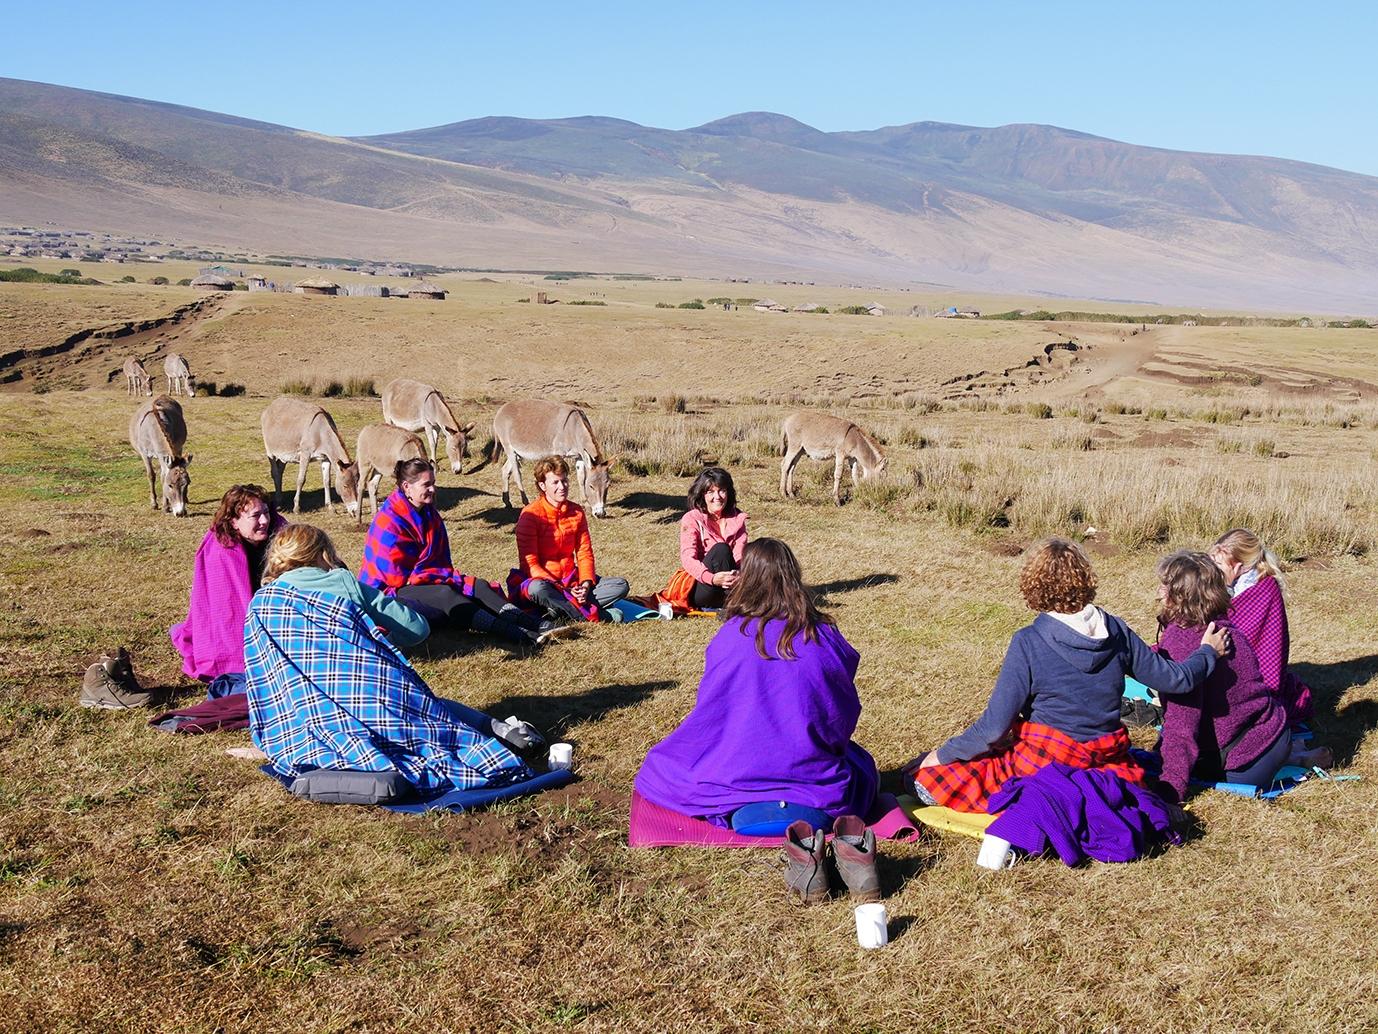 Tanzania Ngorongoro sharing